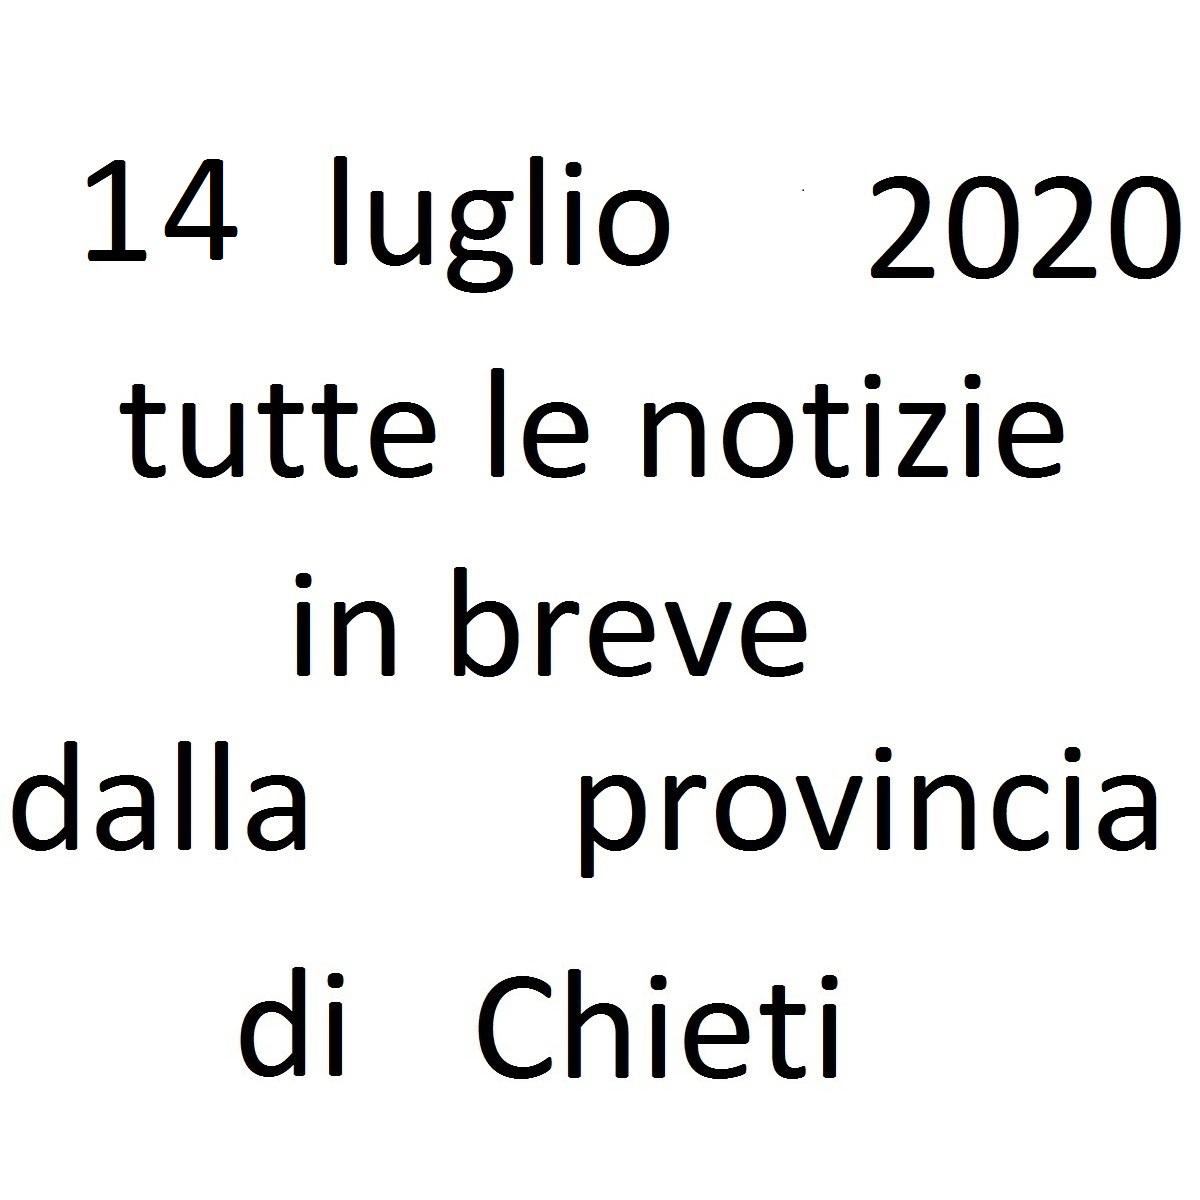 14 luglio 2020 notizie in breve dalla Provincia di Chieti foto